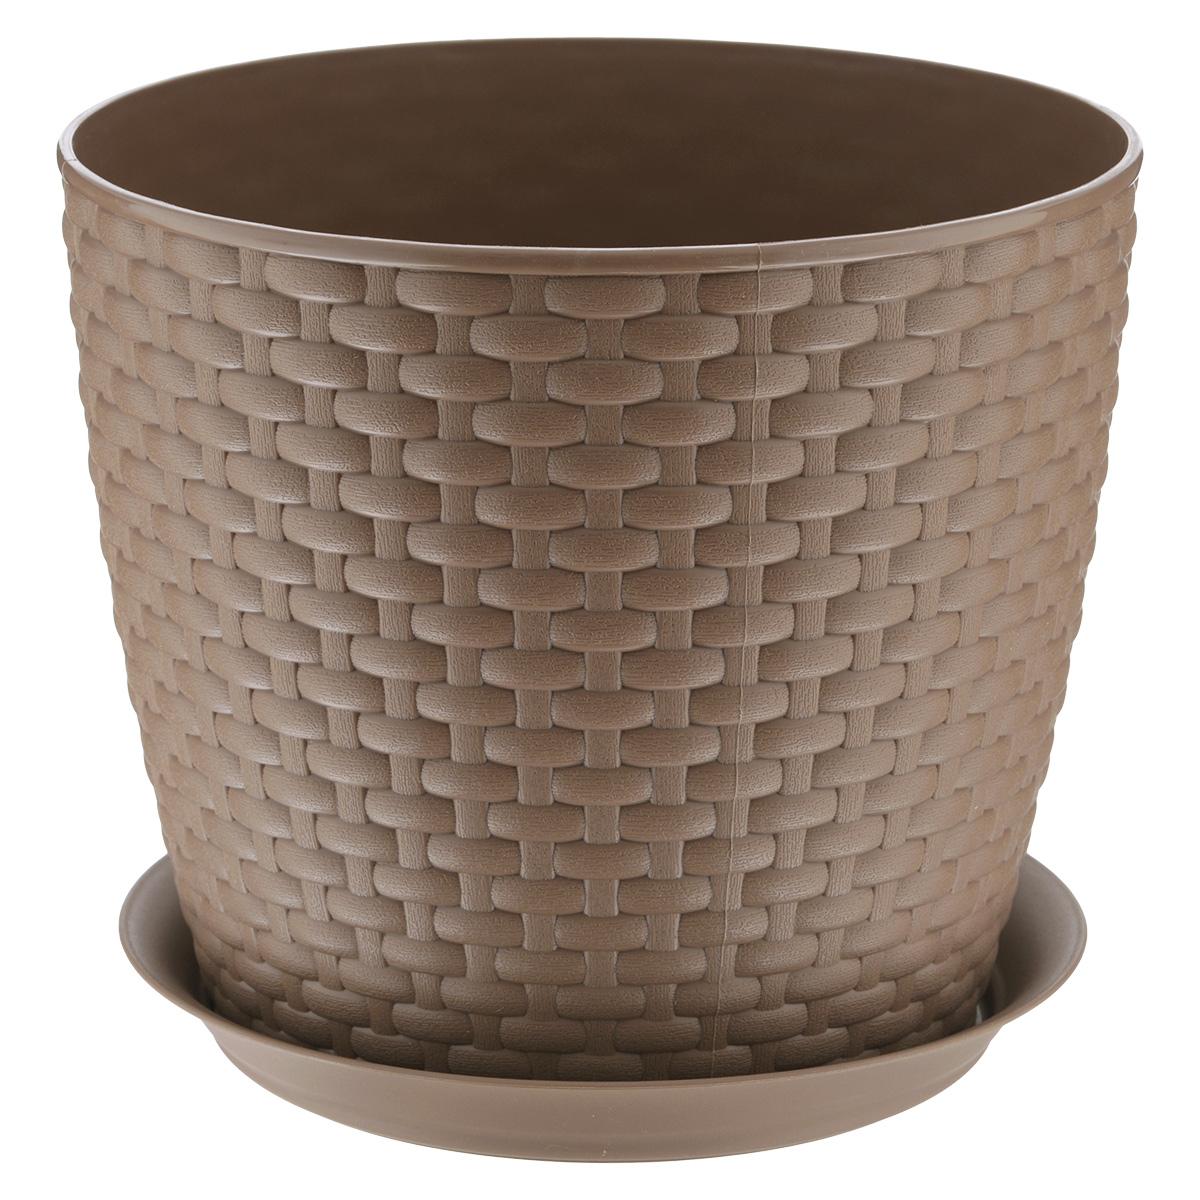 Кашпо Idea Ротанг, с поддоном, цвет: бежевый, 4,7 л531-401Кашпо Idea Ротанг изготовлено из высококачественного пластика. Специальный поддон предназначен для стока воды. Изделие прекрасно подходит для выращивания растений и цветов в домашних условиях. Лаконичный дизайн впишется в интерьер любого помещения. Диаметр поддона: 19,5 см. Объем кашпо: 4,7 л.Диаметр кашпо по верхнему краю: 21 см.Высота кашпо: 18 см.